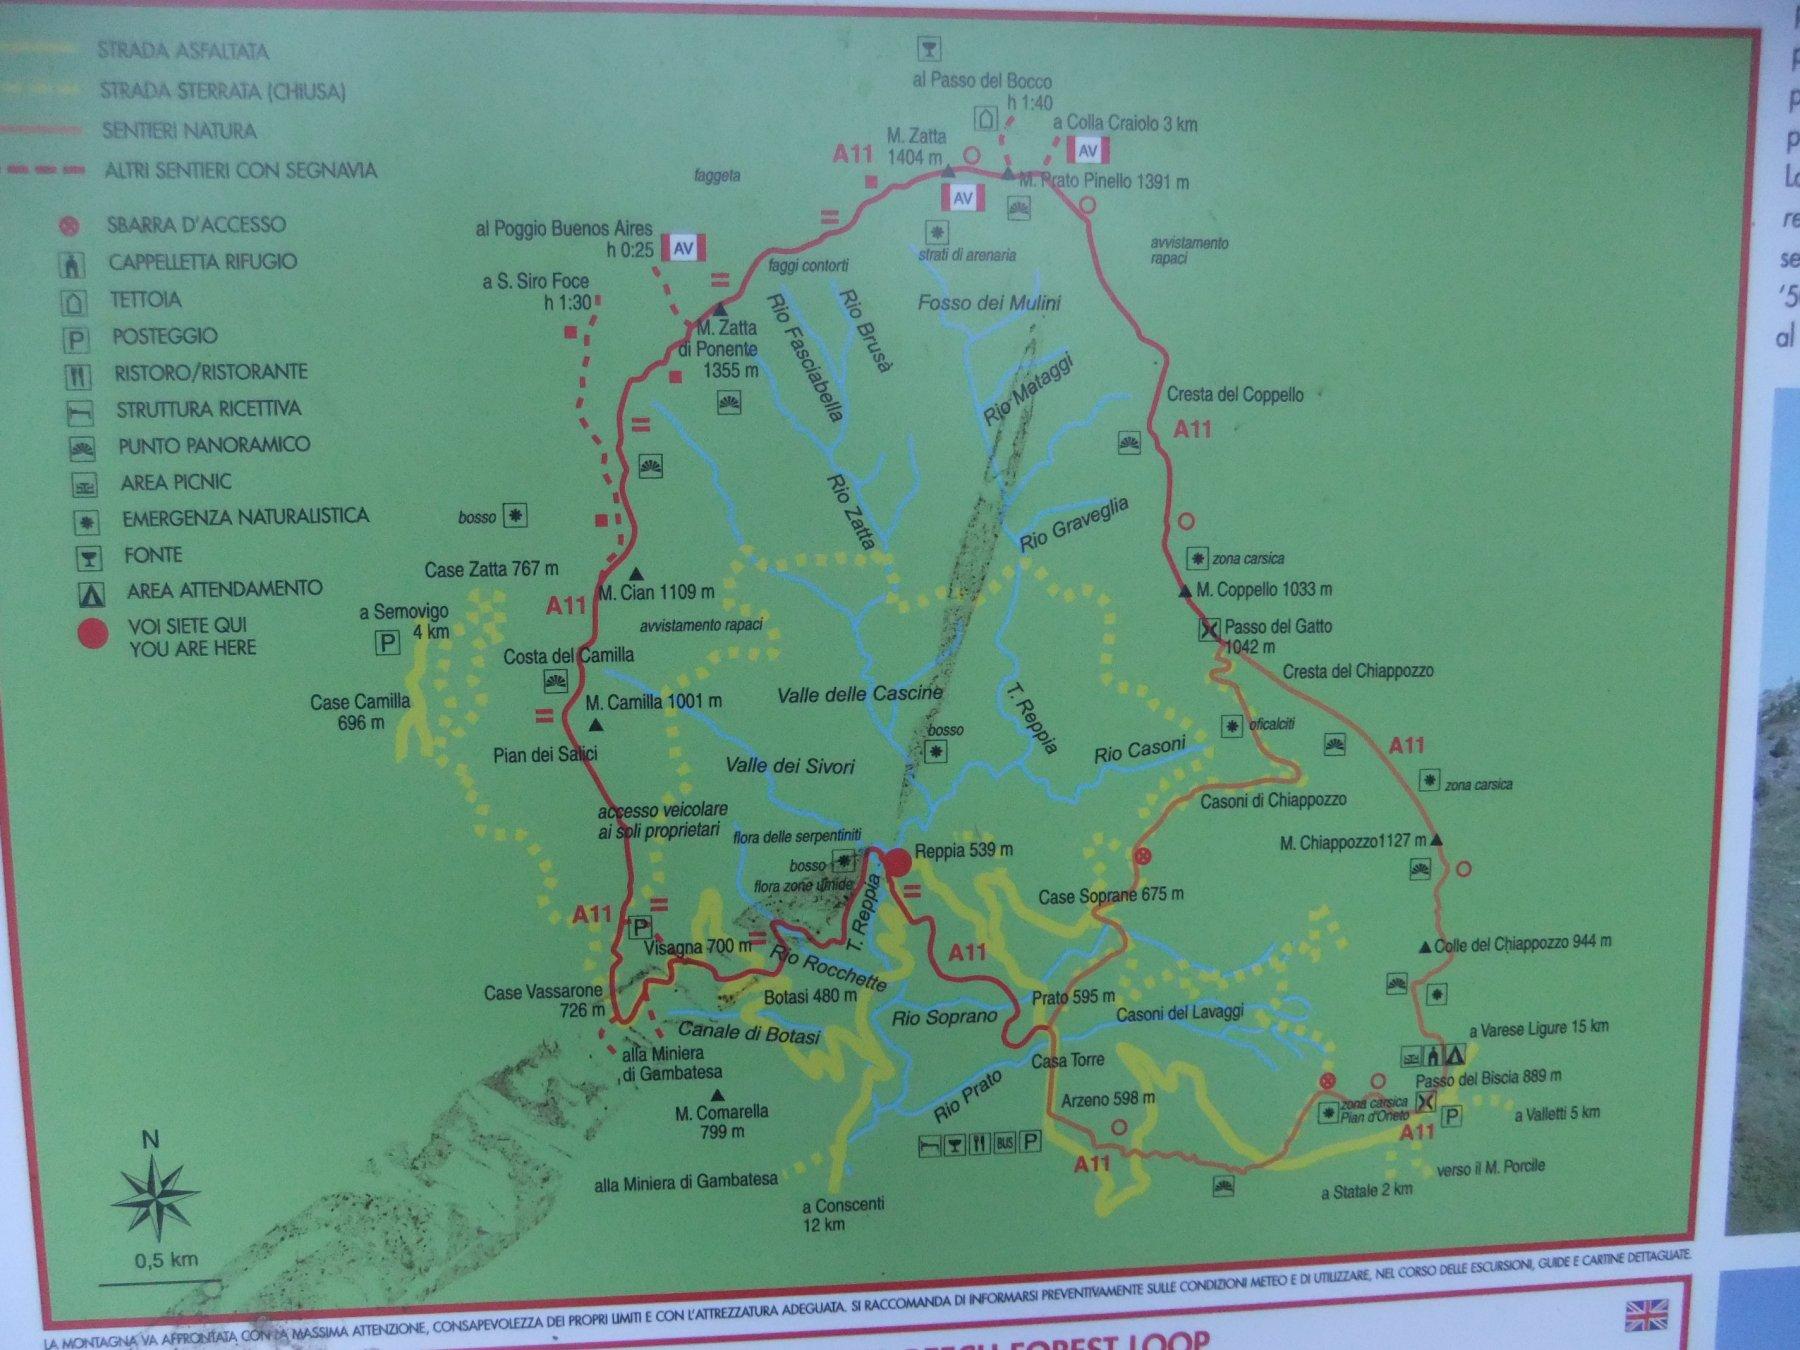 Mappa del tracciato ad anello